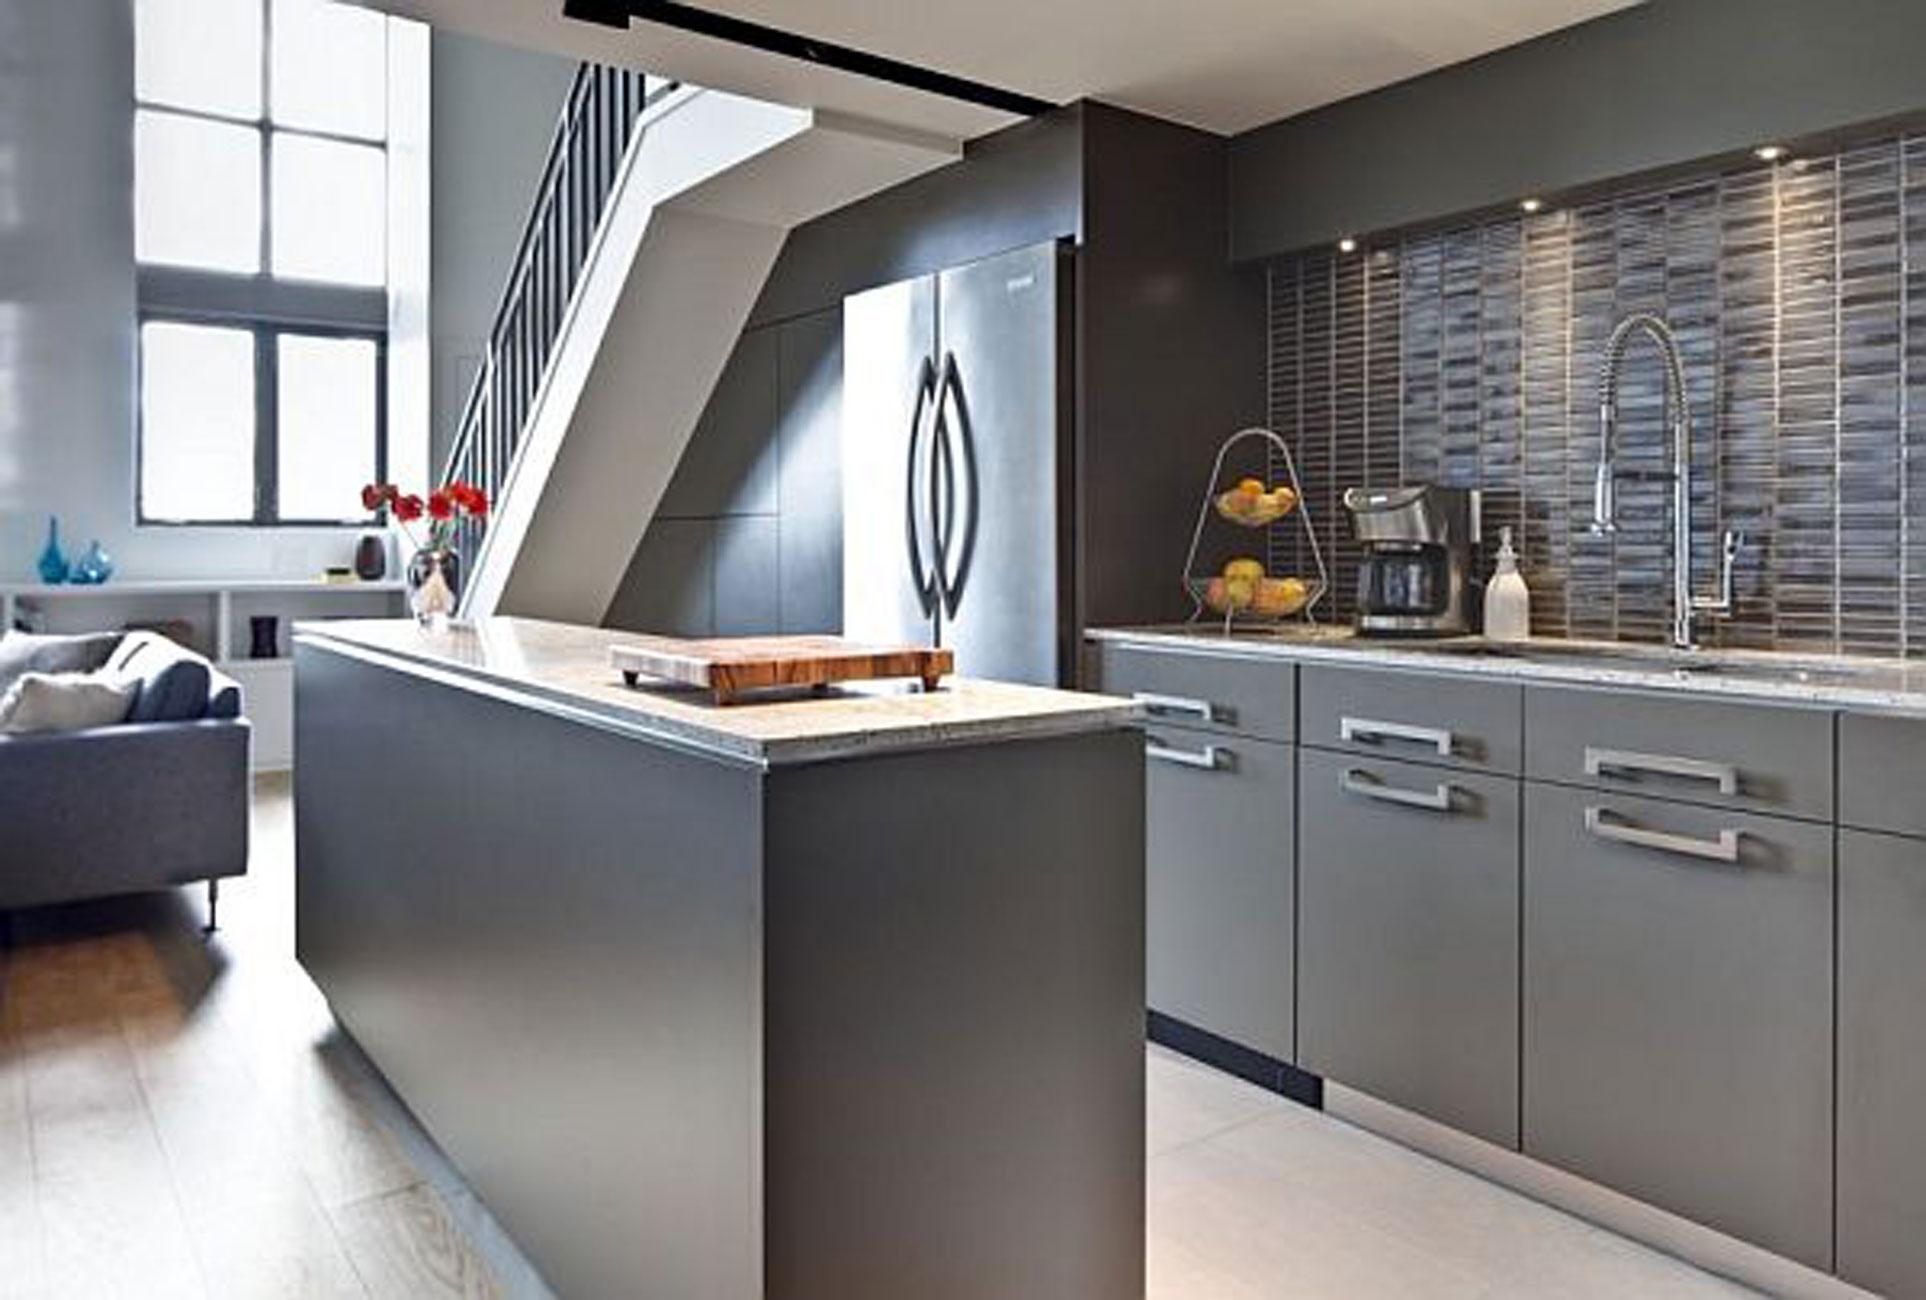 Ikke kategoriseret-moderne-grå-lille-køkken-i-lejlighed-design-med-sten-back-væg-også-ro-væg-farve-til-bedste-køkken-væg-udsmykning-ideer-moderne-køkken-væg- dekoration-med-træ-møbler-og-moderne